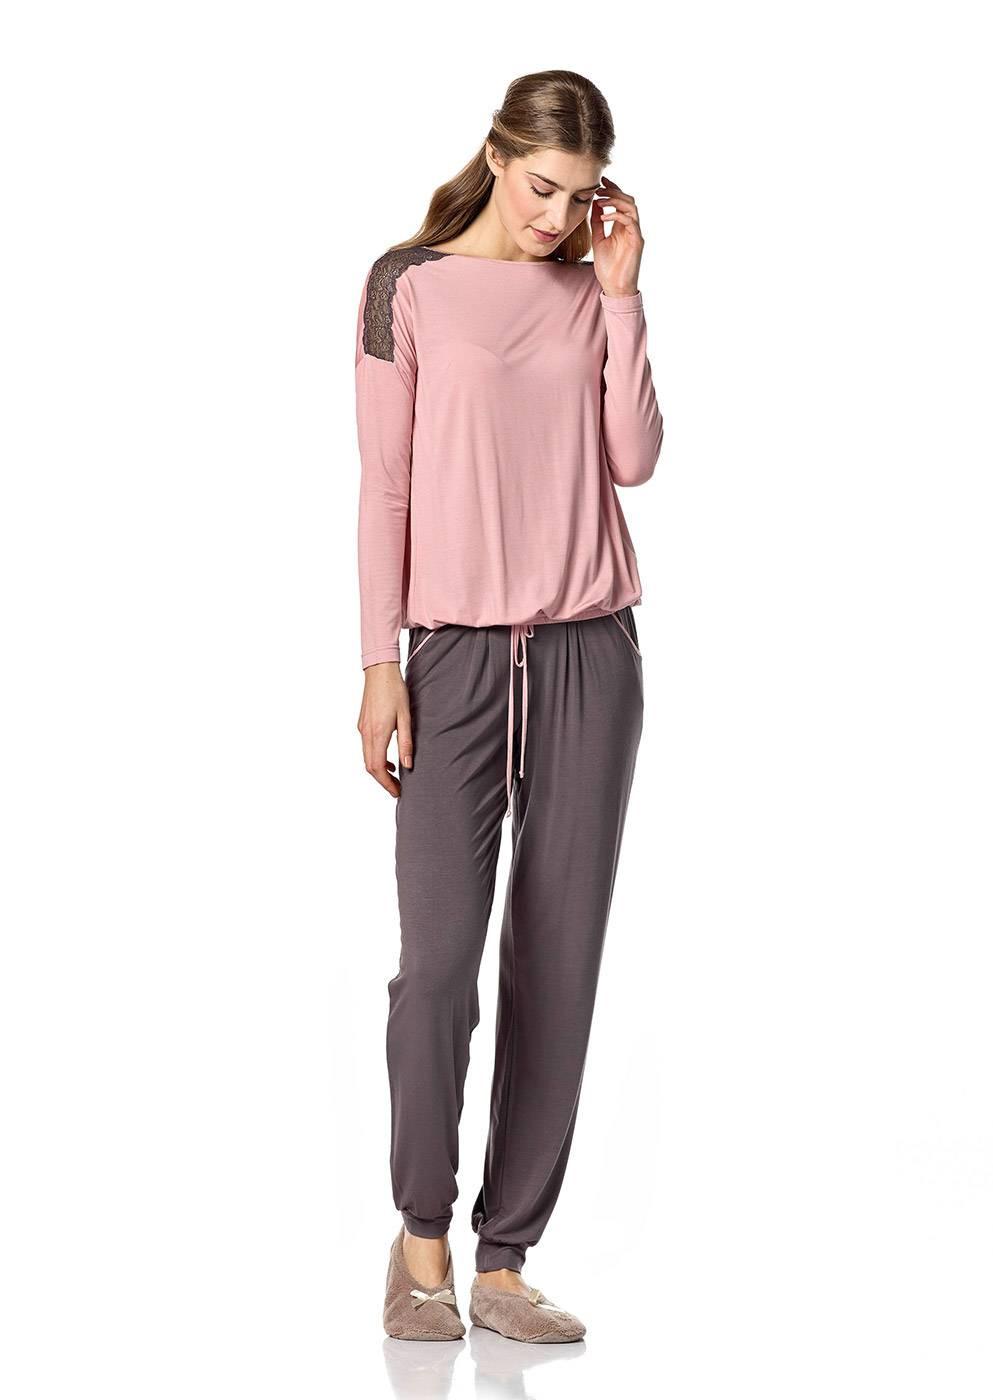 Dámské pyžamo 10-4761 - Vamp Barva: starorůžová, Velikost: M